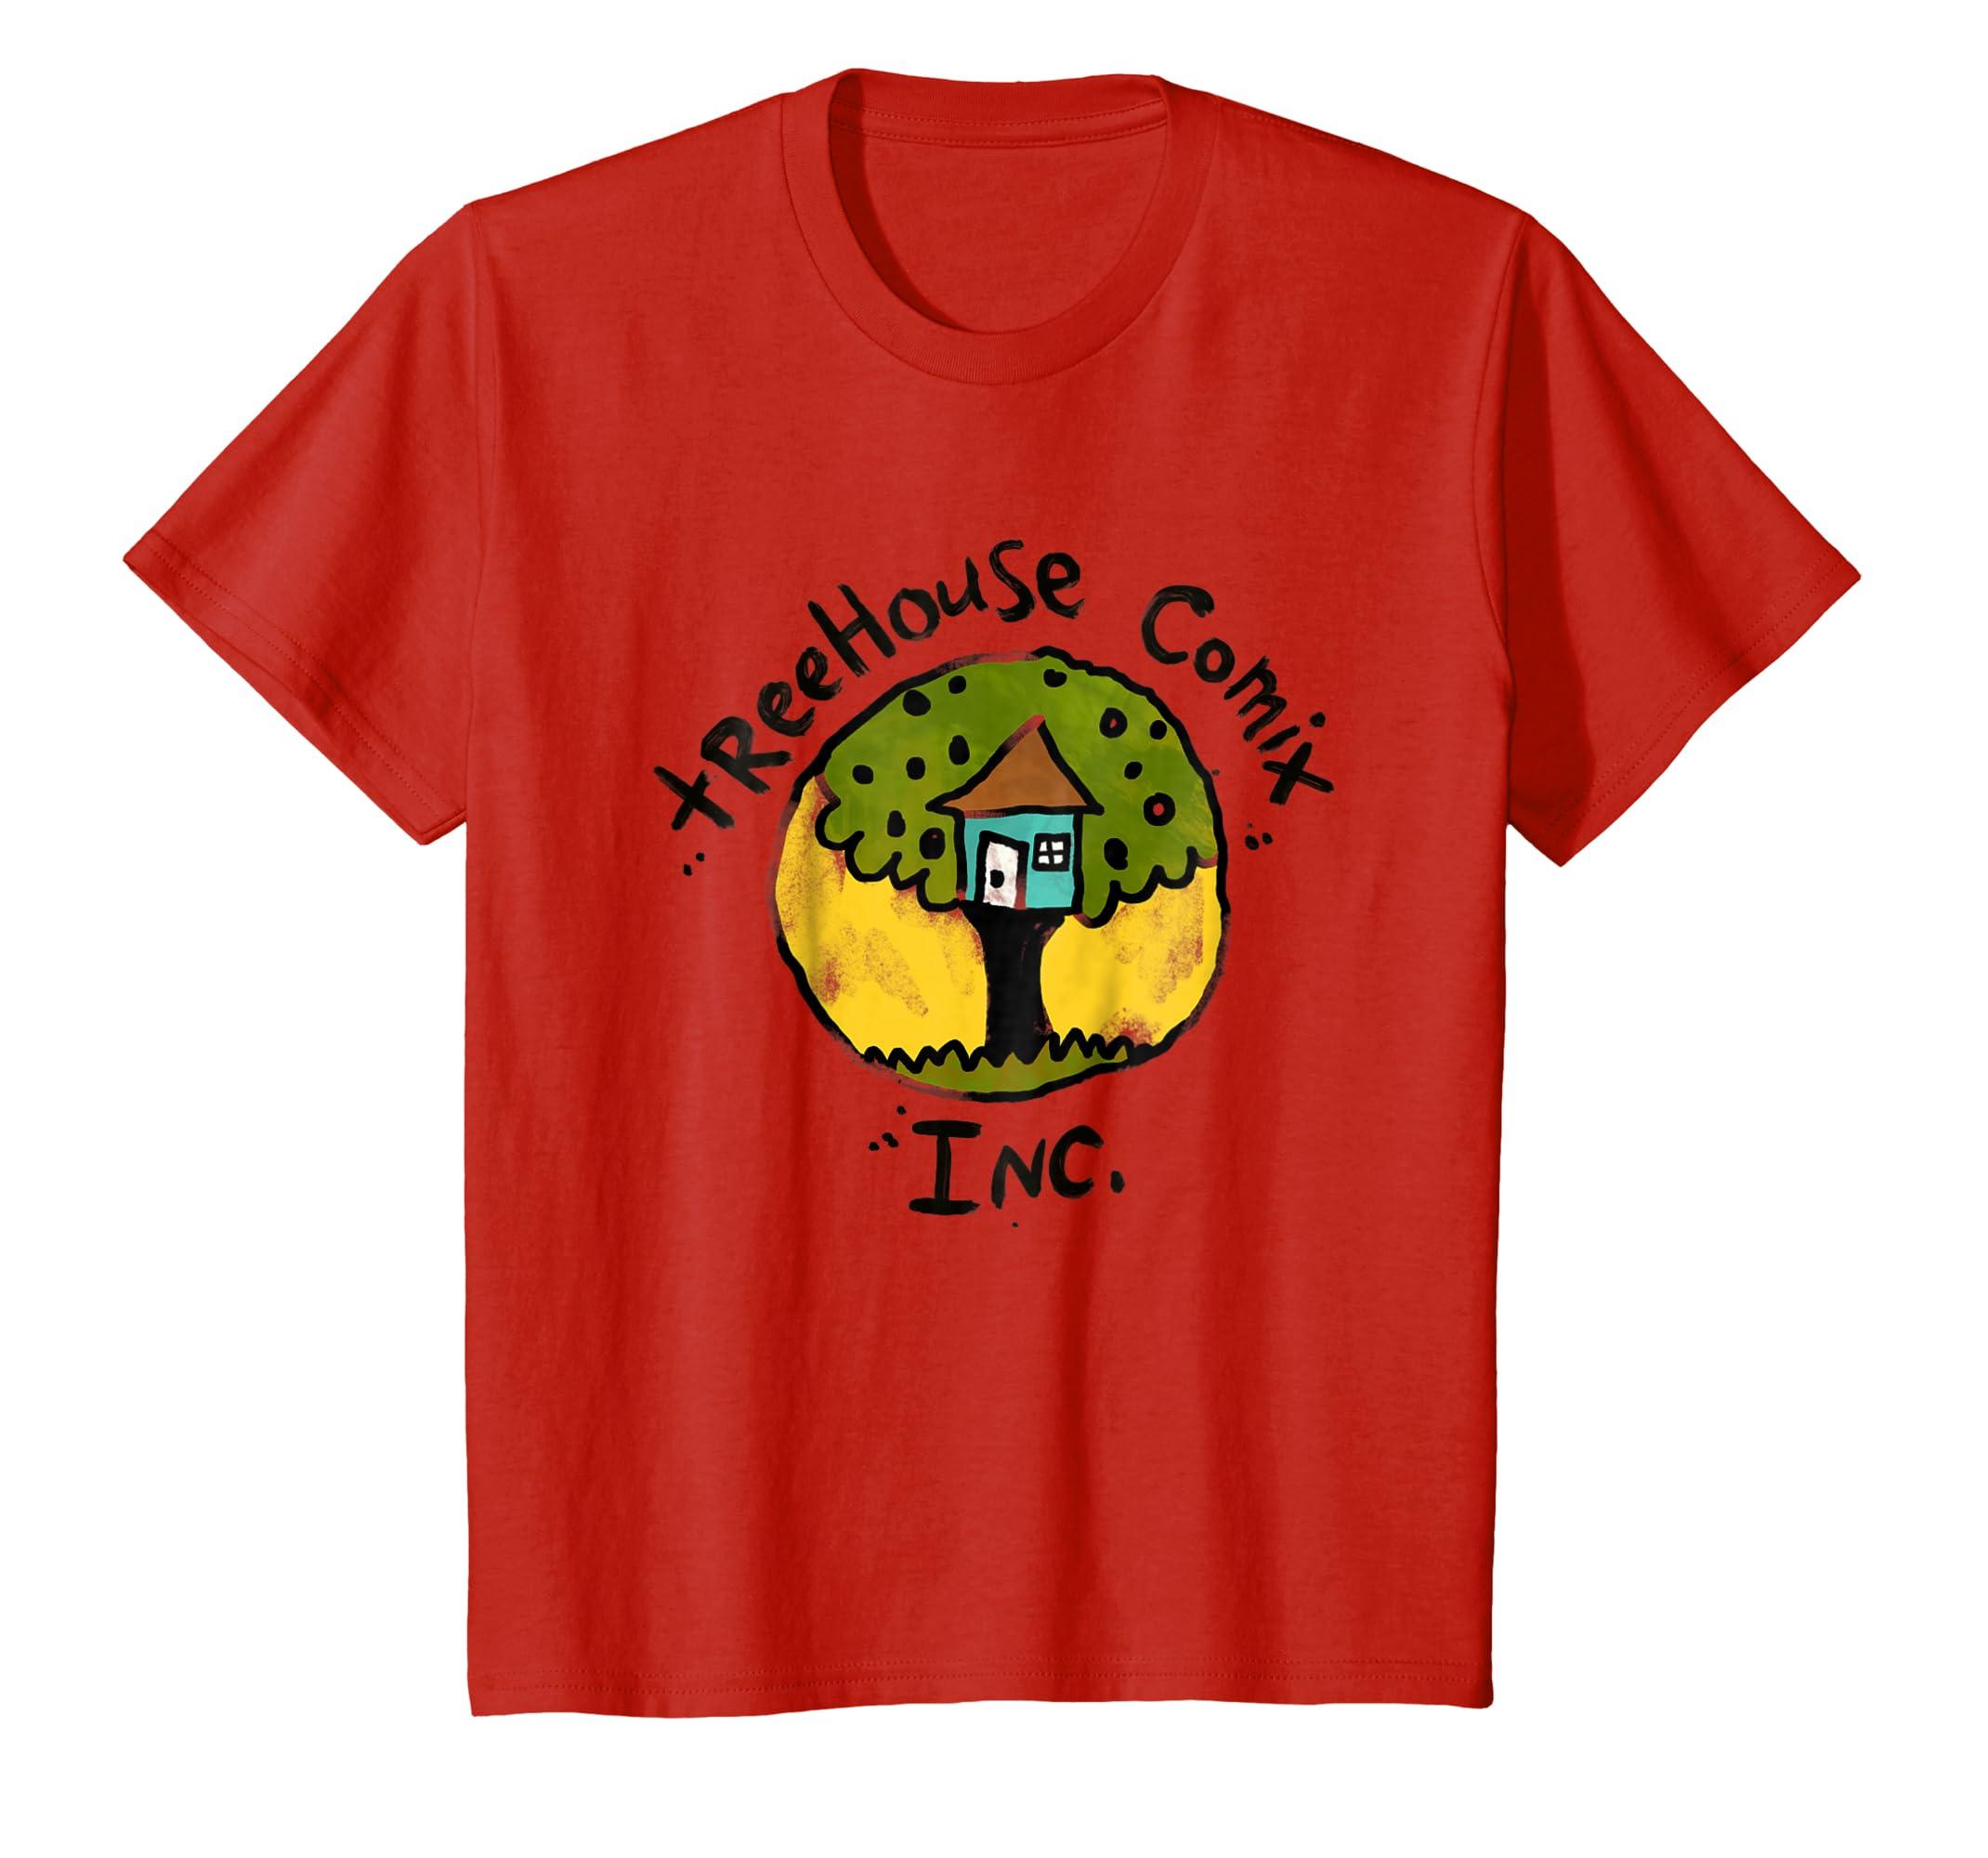 cc935c98a Amazon.com: Kids DreamWorks Captain Underpants Treehouse Comix Inc. T-Shirt:  Clothing